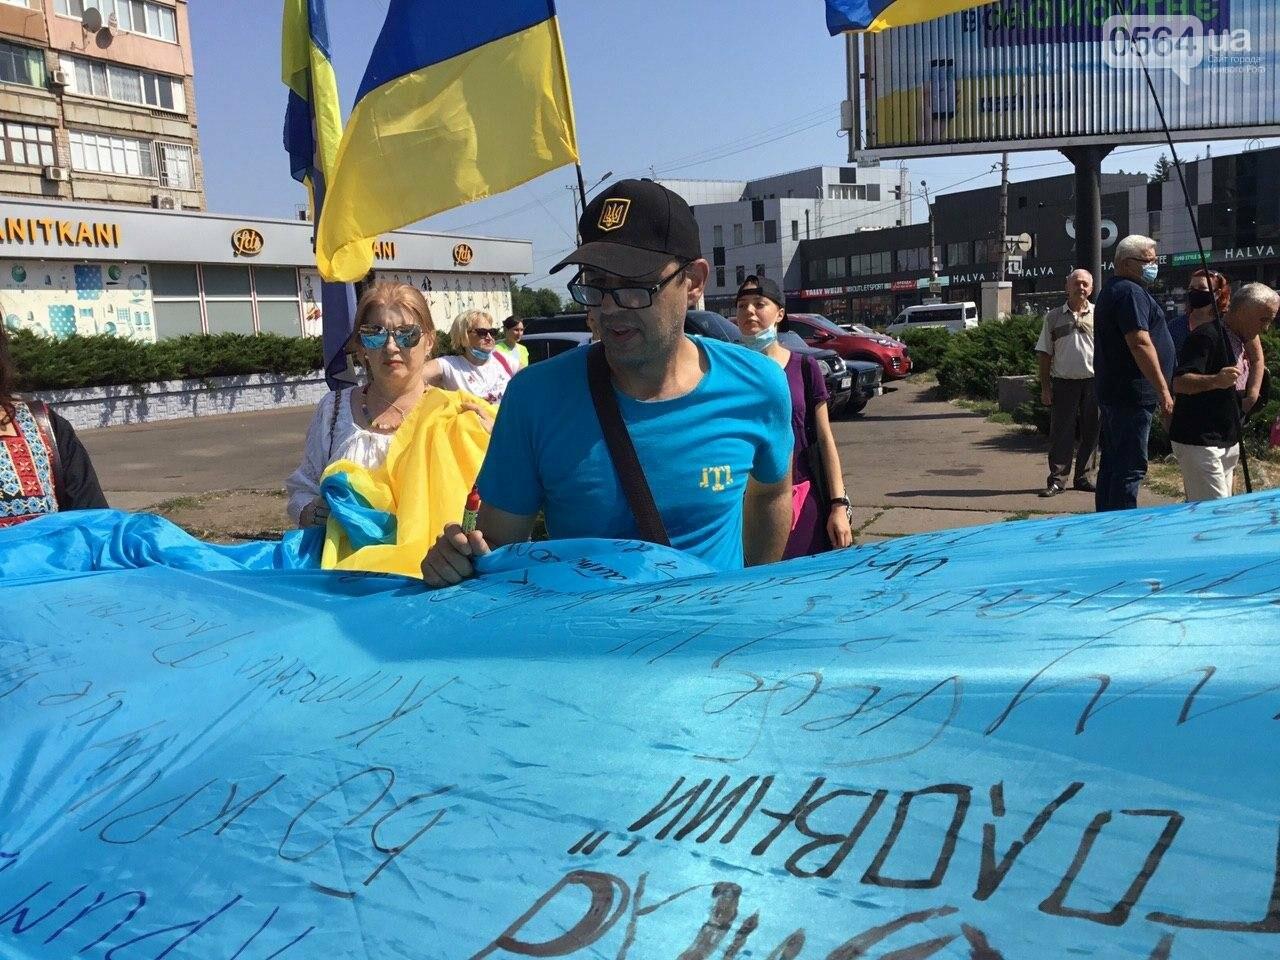 """""""Українці - брати, Разом ми - сила!"""", - какие пожелания и призывы написали криворожане на Знамени Единства, - ФОТО, ВИДЕО, фото-19"""